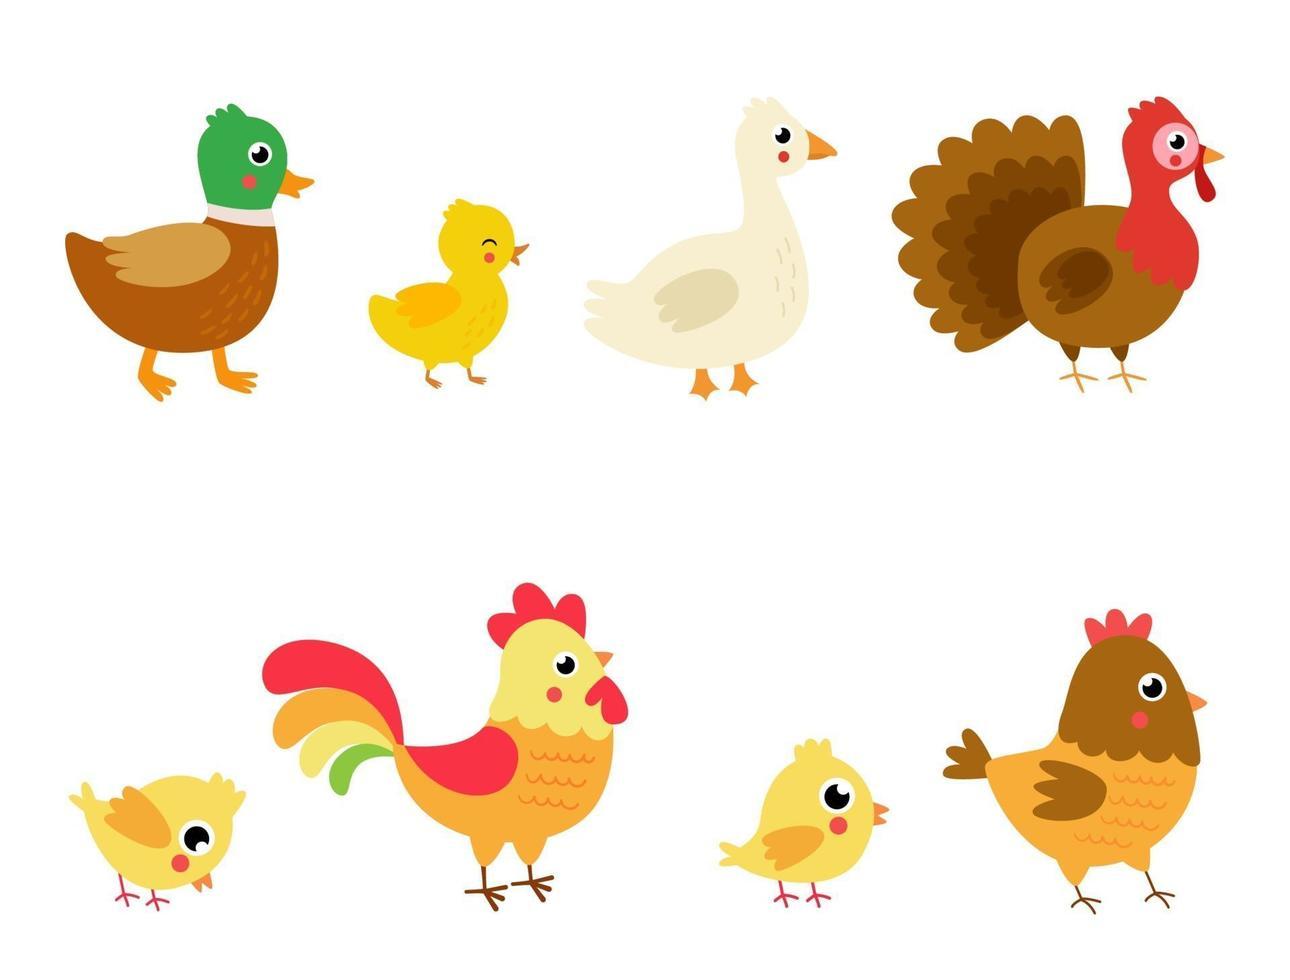 ensemble d'offres de ferme de dessin animé mignon. illustrations vectorielles. vecteur